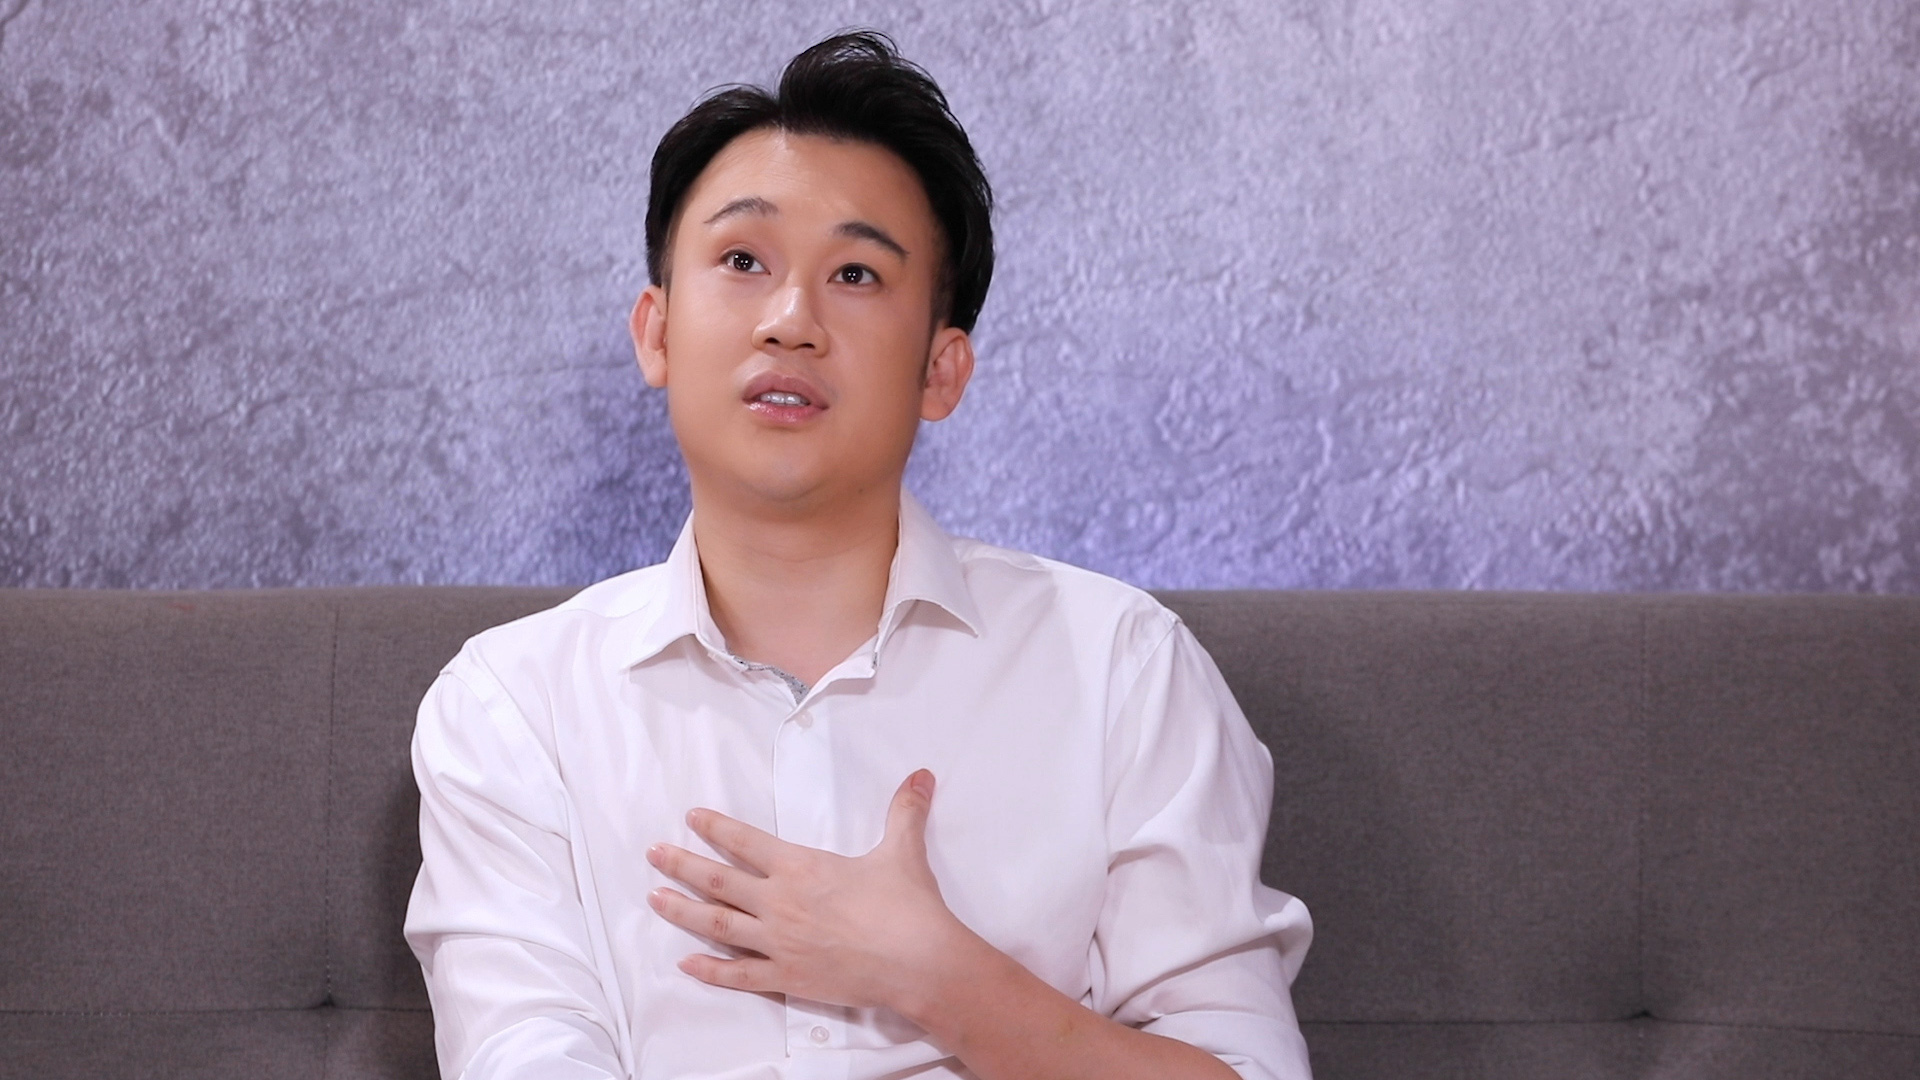 """Dương Triệu Vũ: """"Anh Hoài Linh sinh ra lúc gia đình có xe hơi, còn tôi sinh ra phải ở chuồng heo"""" - Ảnh 1."""